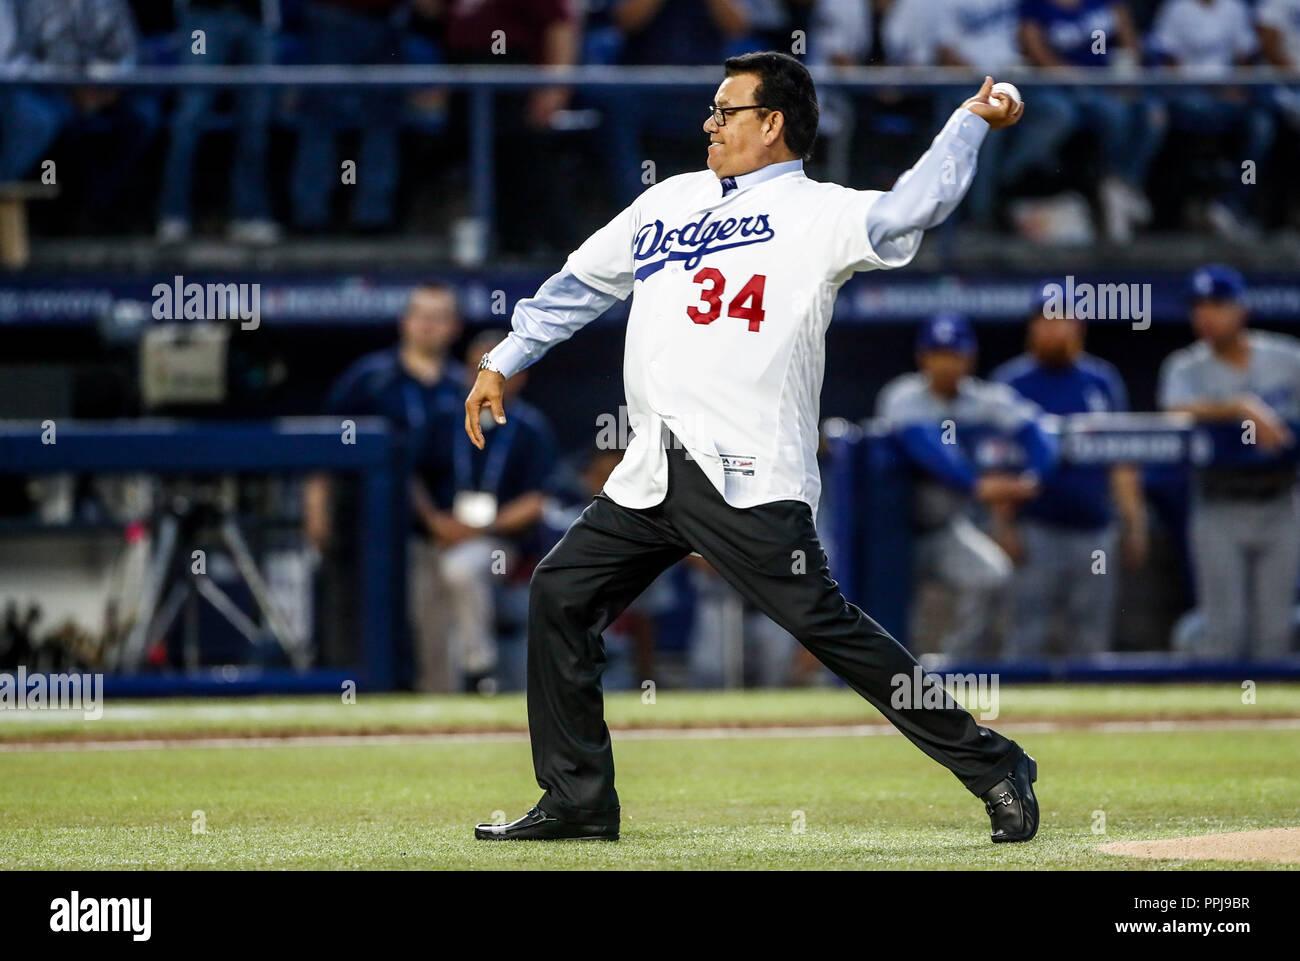 Fernando Valenzuela lanza la primera bola para el playball del partido de beisbol de los Dodgers de Los Angeles contra Padres de San Diego, durante el - Stock Image